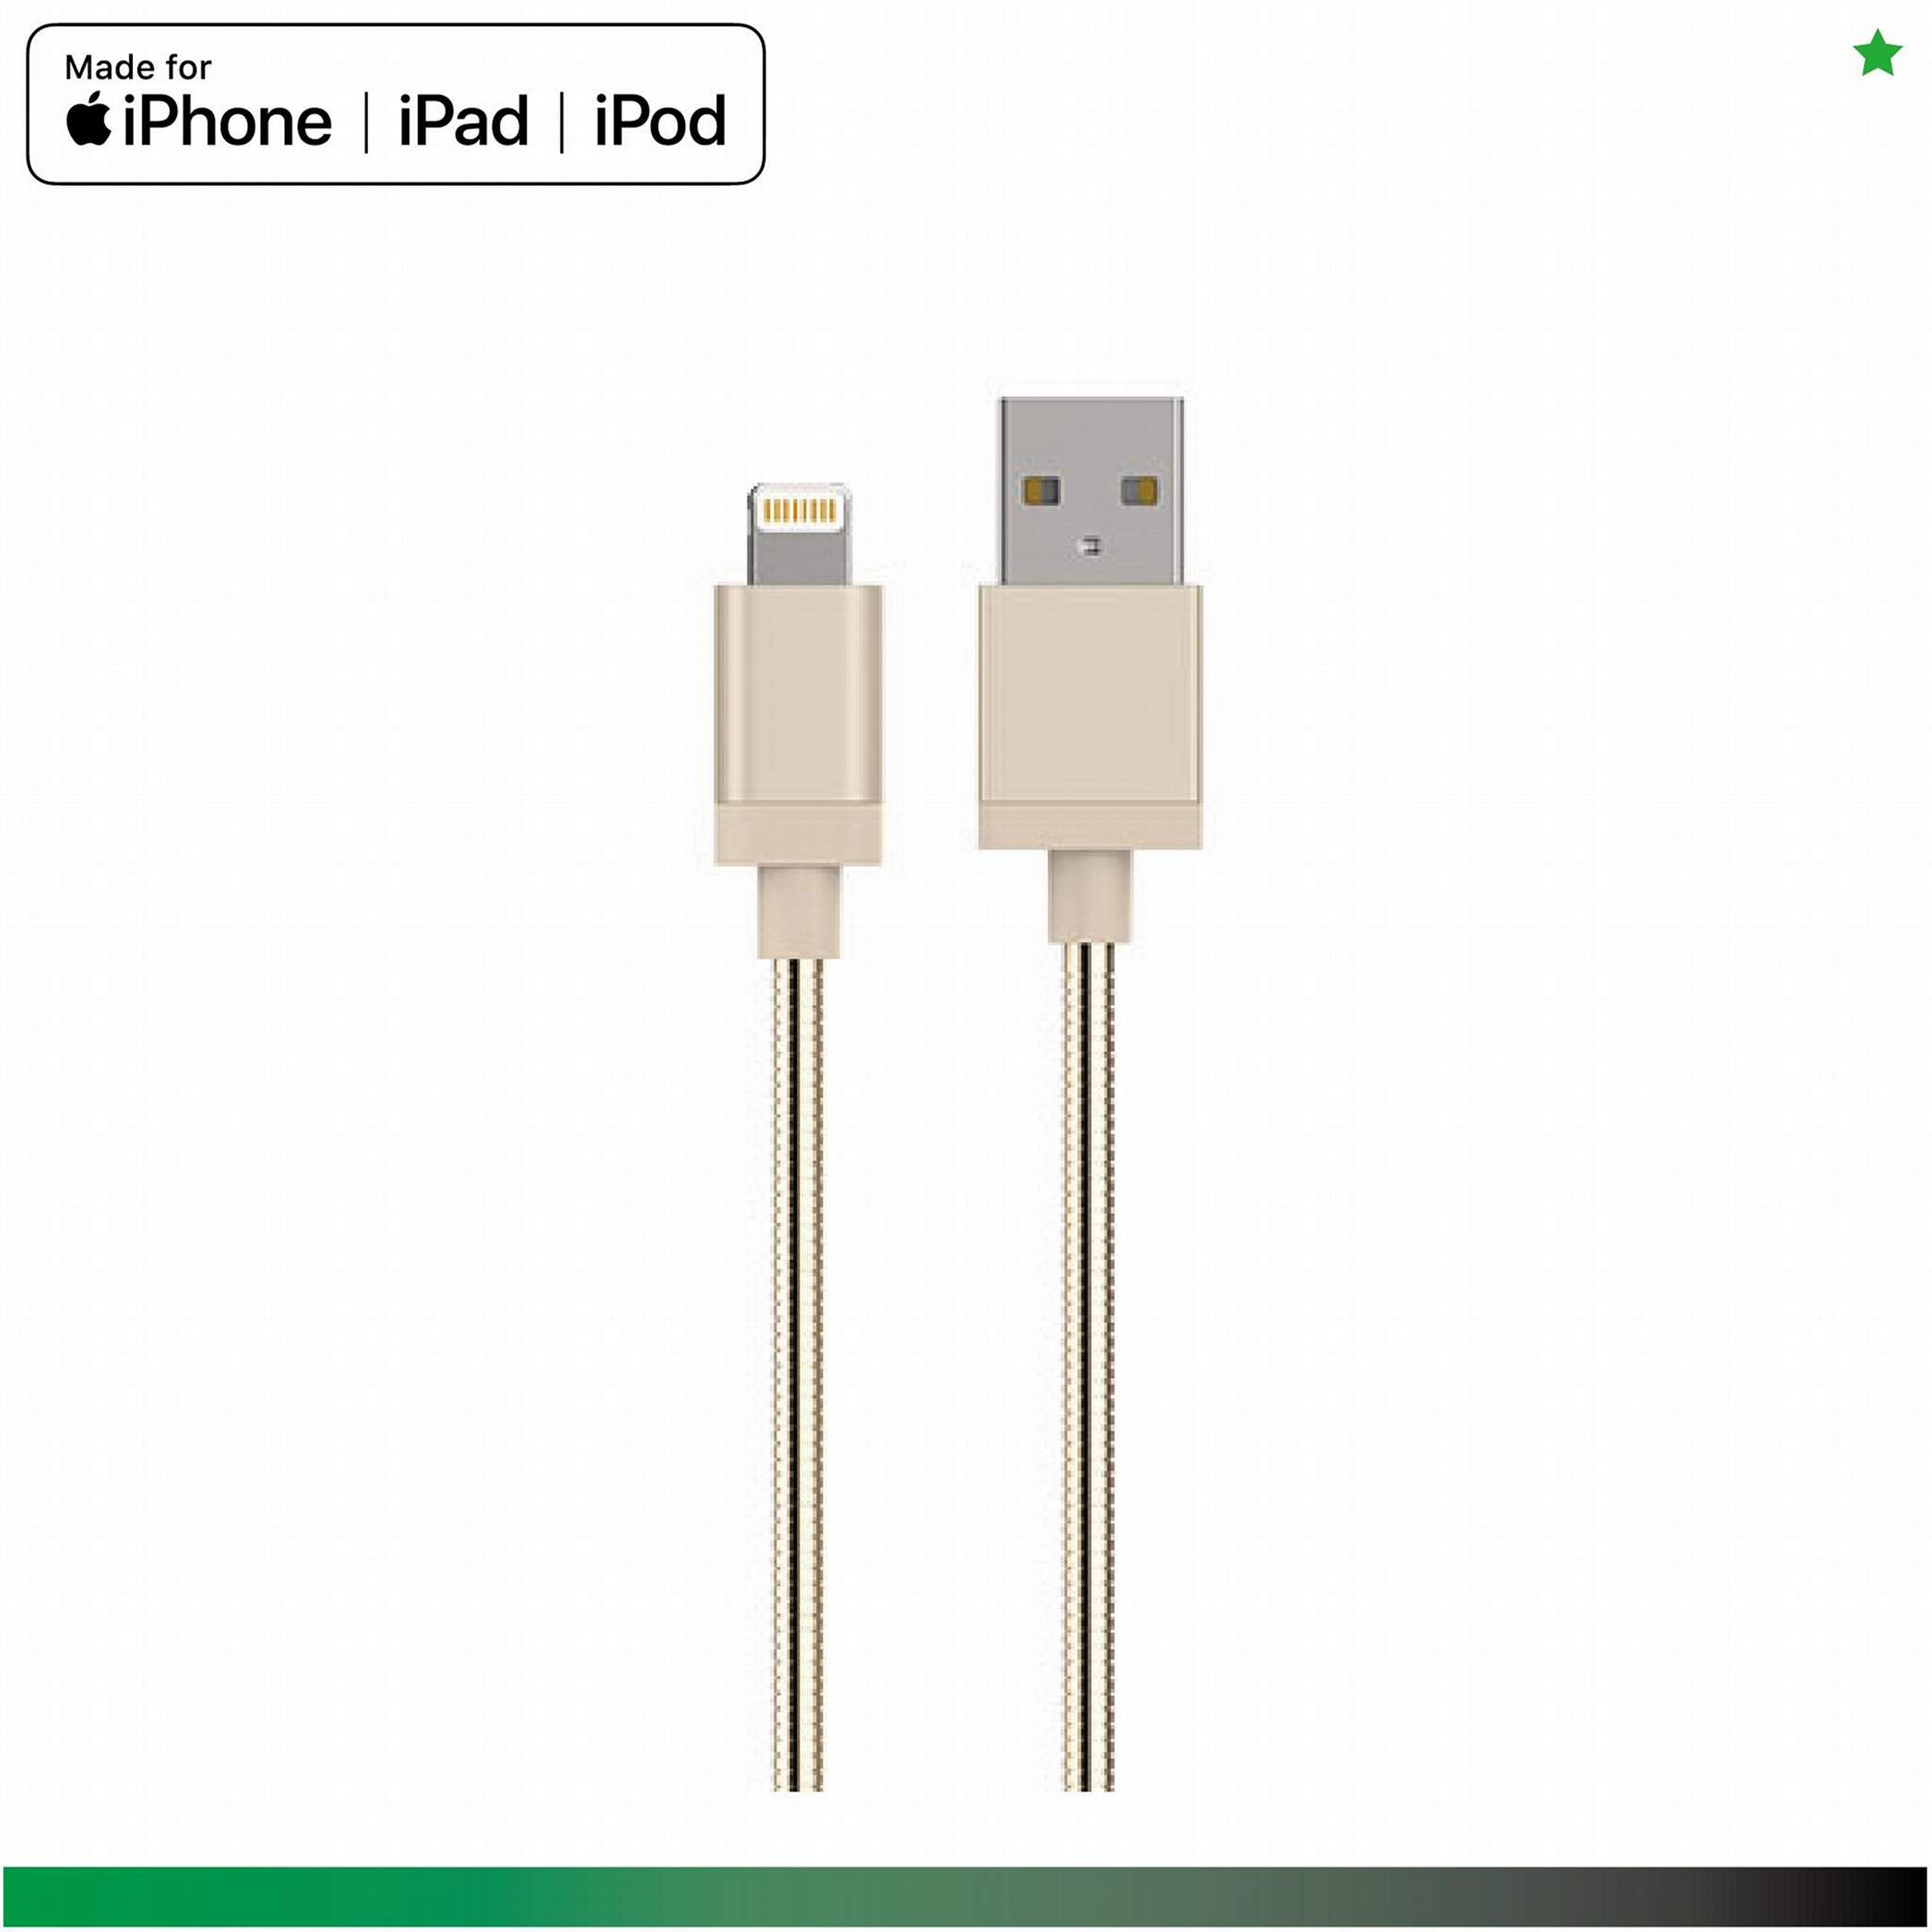 China MFi iPhone Charger Cable Exporter, Hong Kong, Shenzhen, Dongguan, Zhongsha